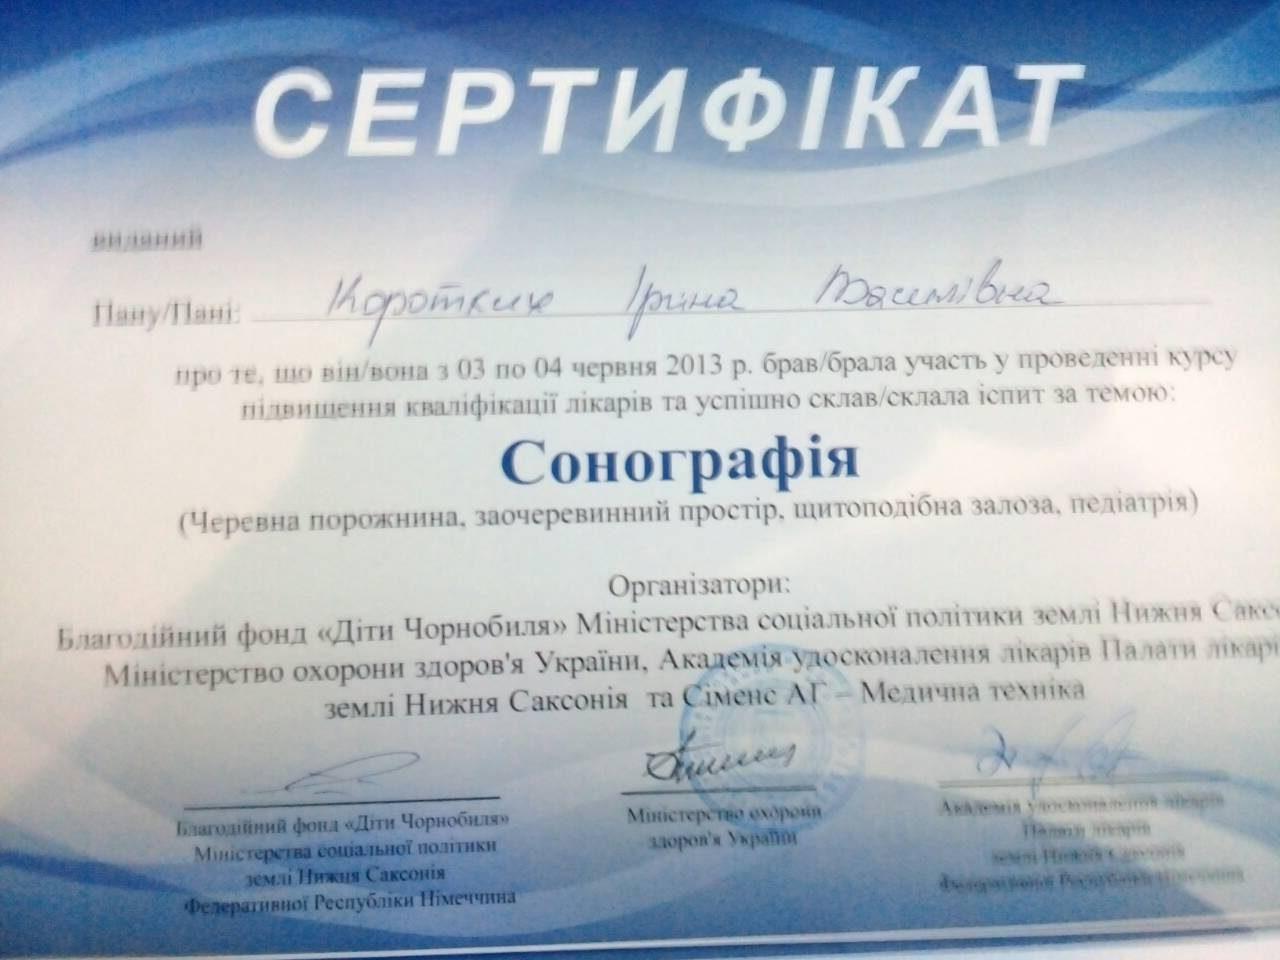 Коротких Ирина Васильевна 02